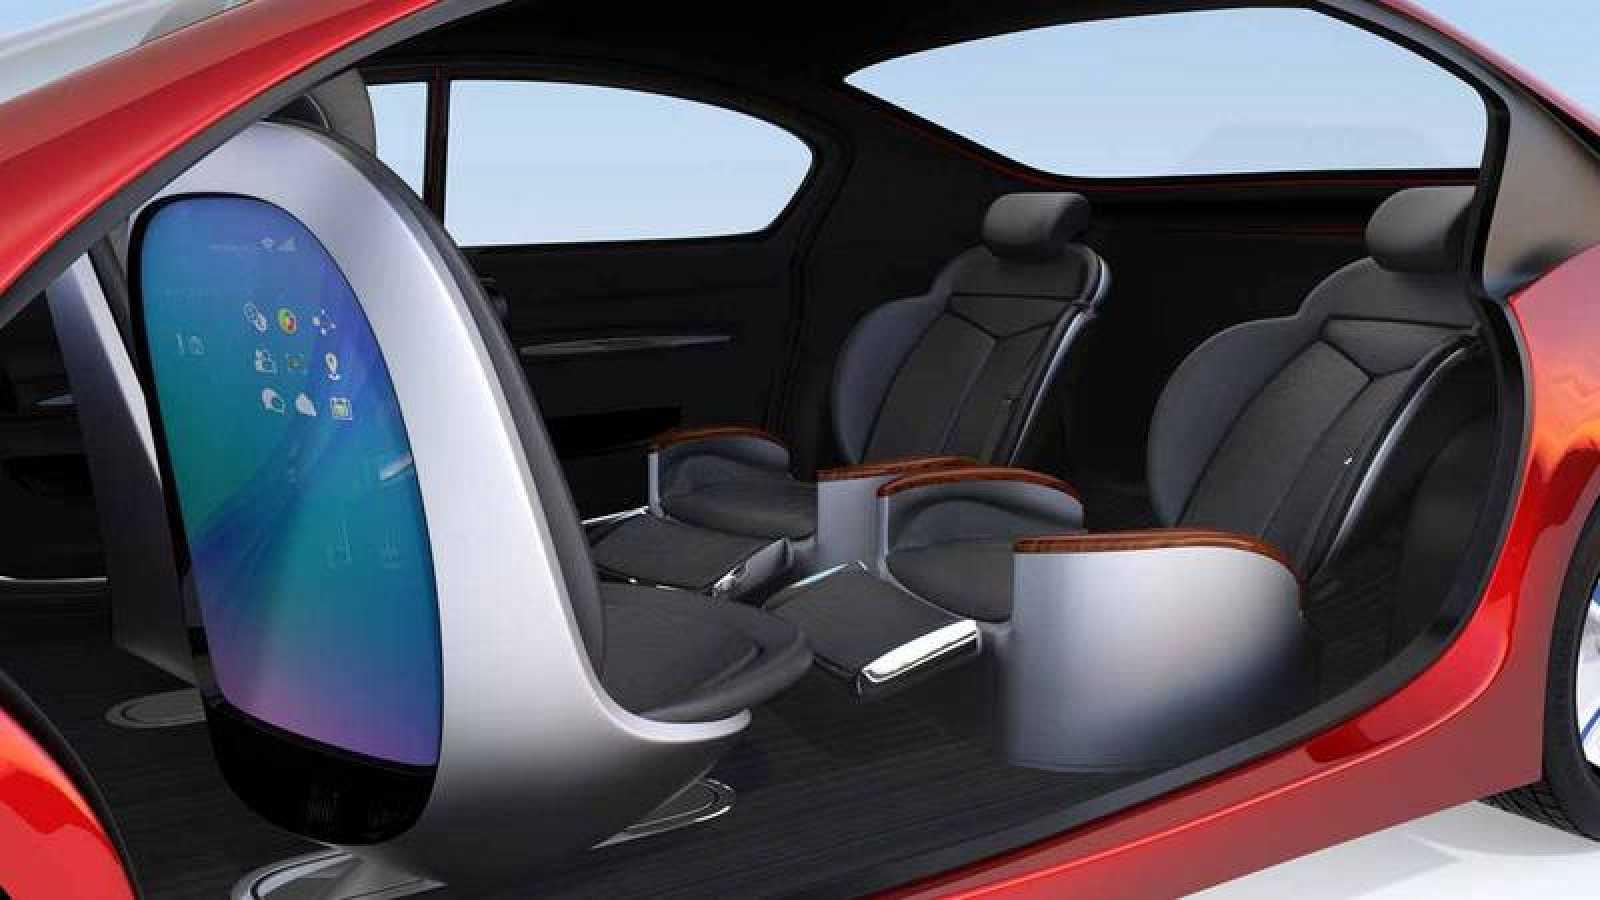 Uno de los avances tecnológicos de la lista del MIT son los vehículos de transporte autónomos.